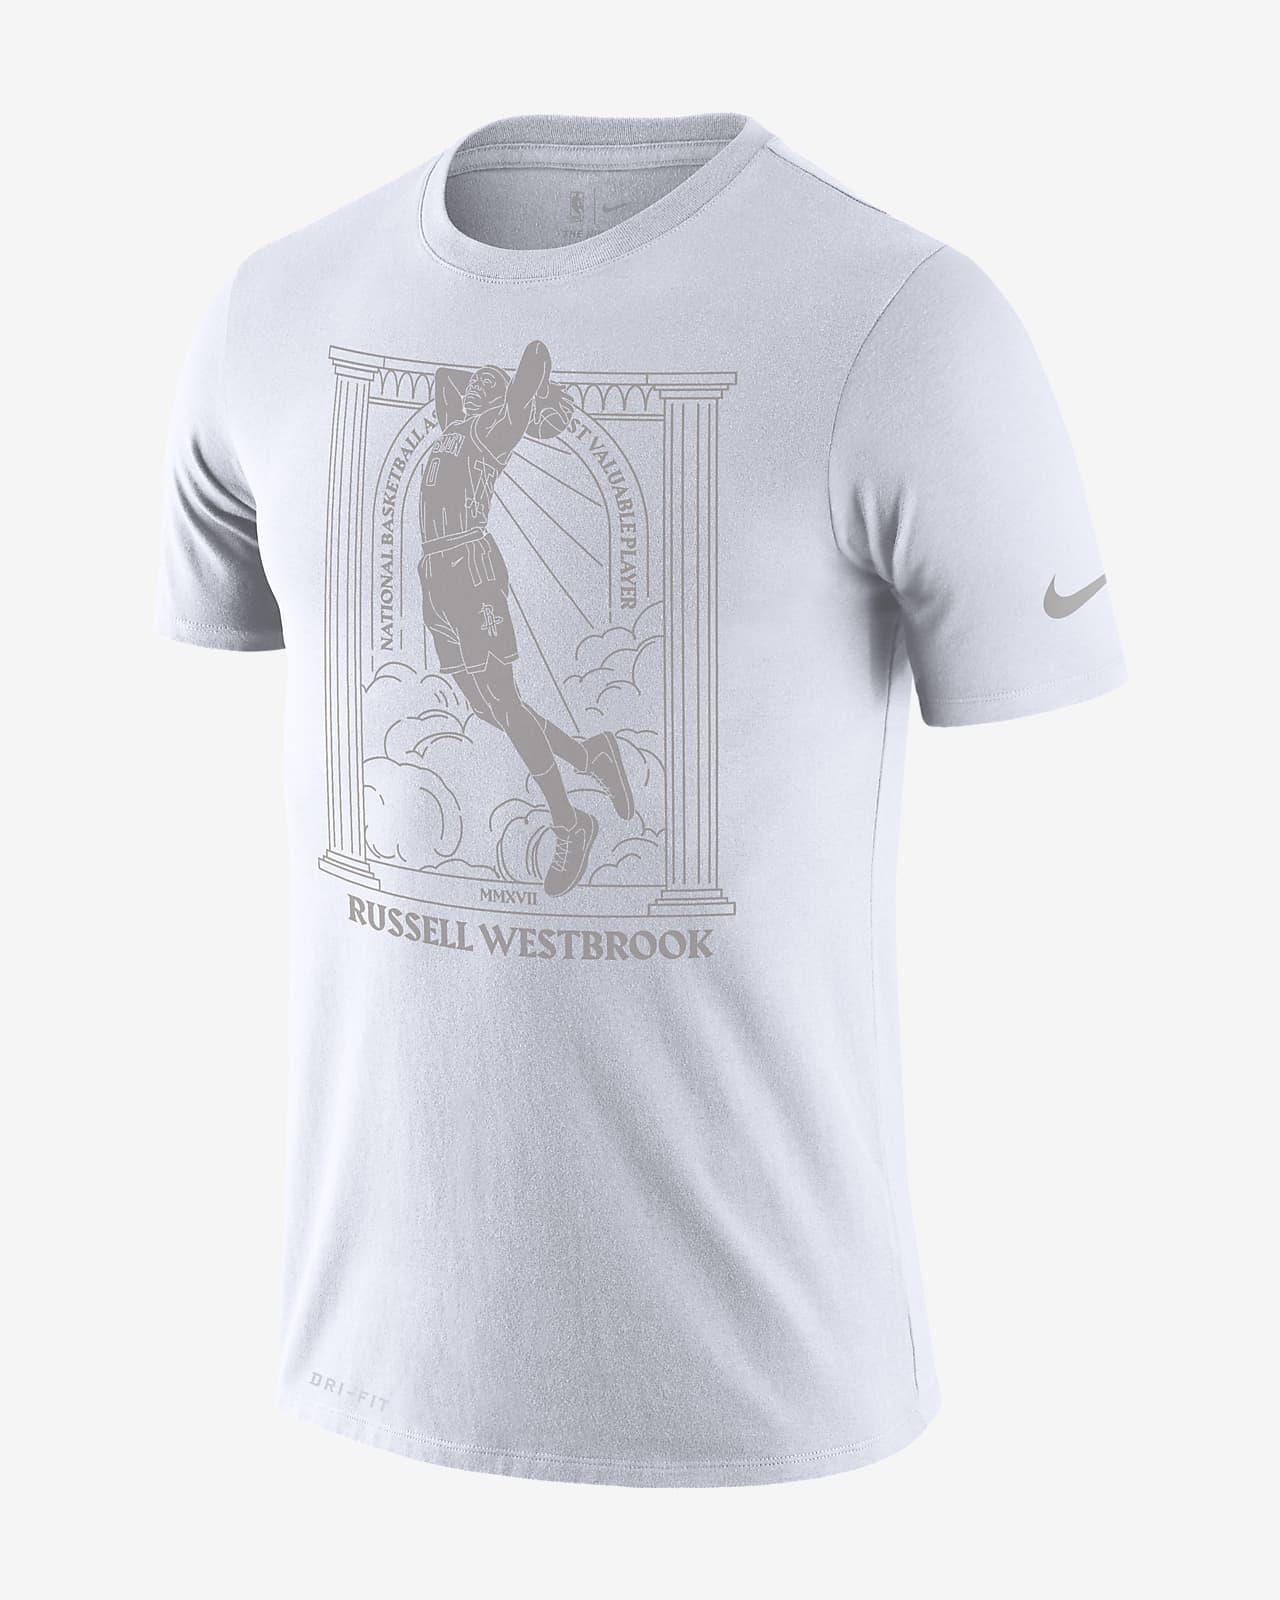 ラッセル ウェストブルック ロケッツ MVP メンズ ナイキ Dri-FIT NBA Tシャツ